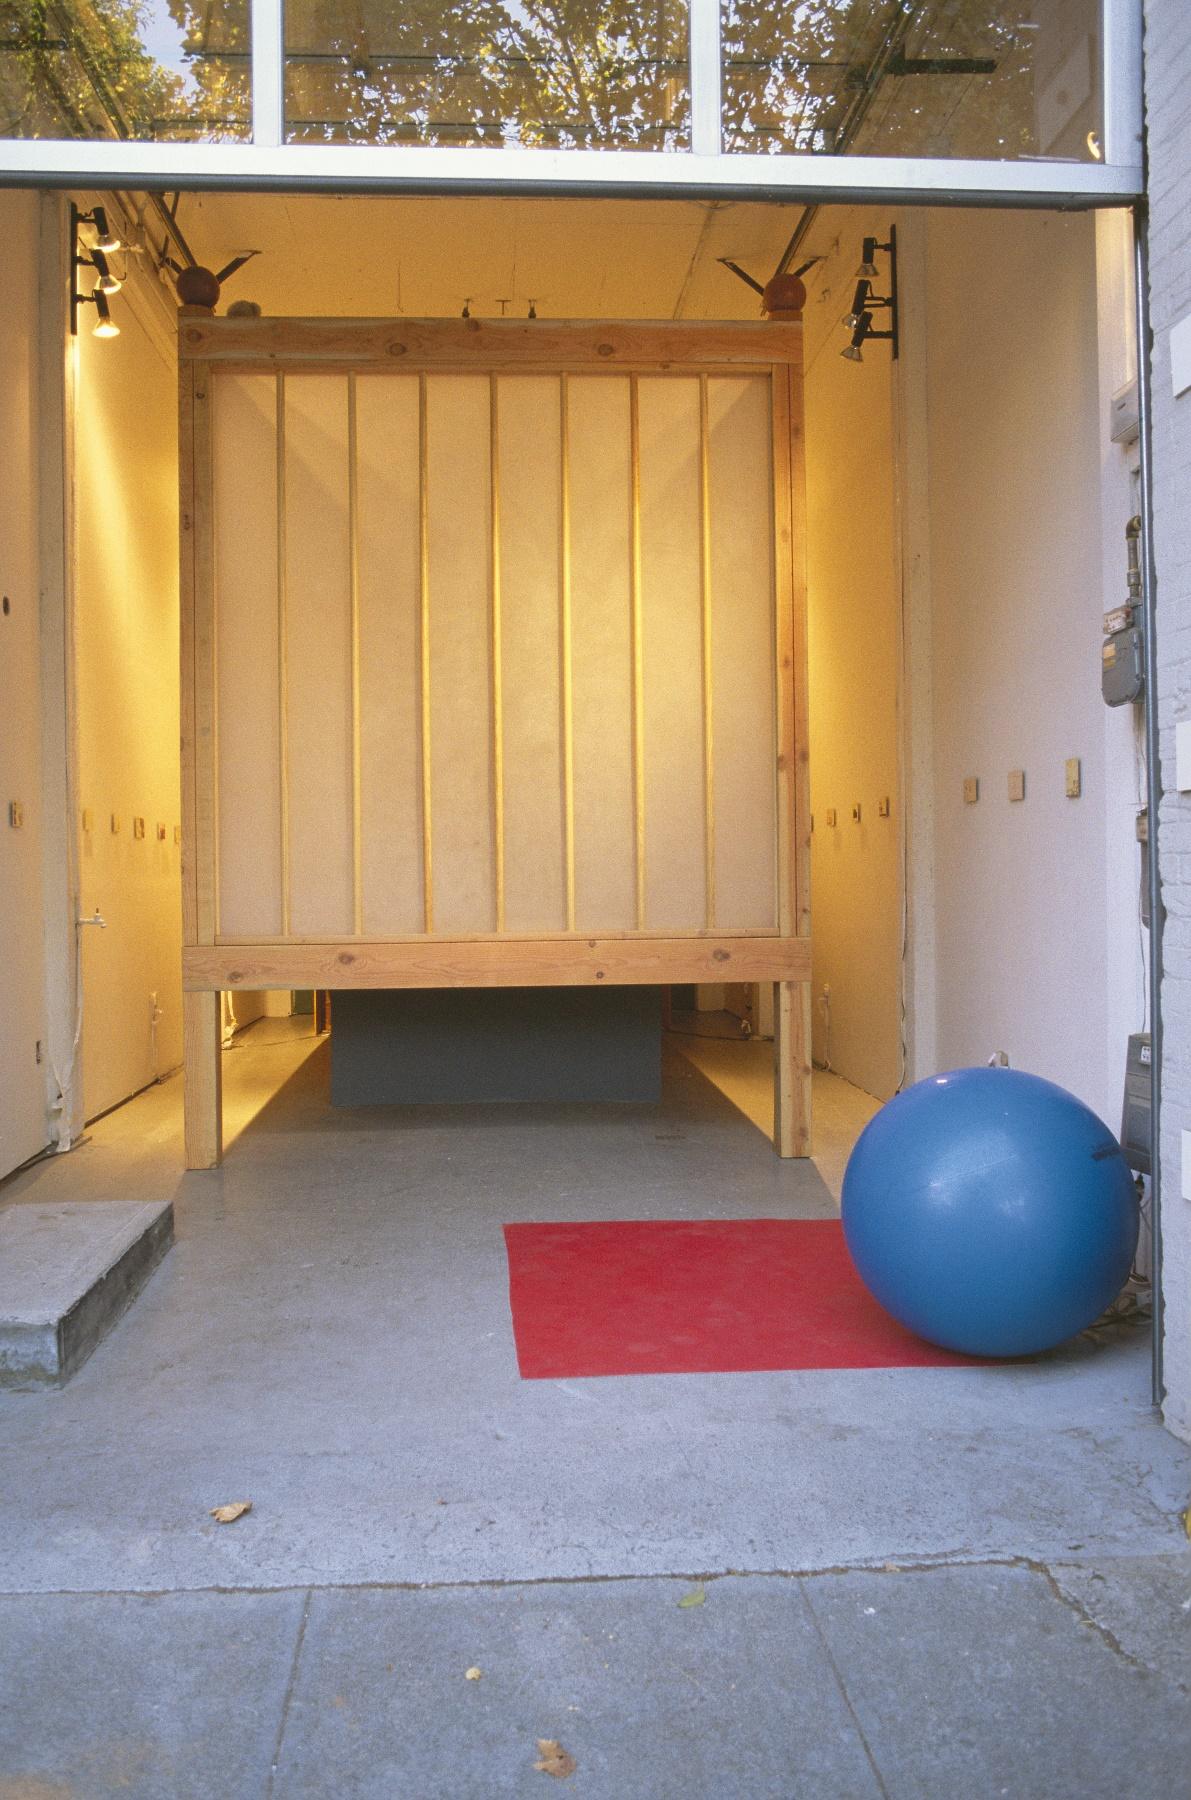 12 foot garage door 12 foot garage door guide for your for 12 ft garage door opener